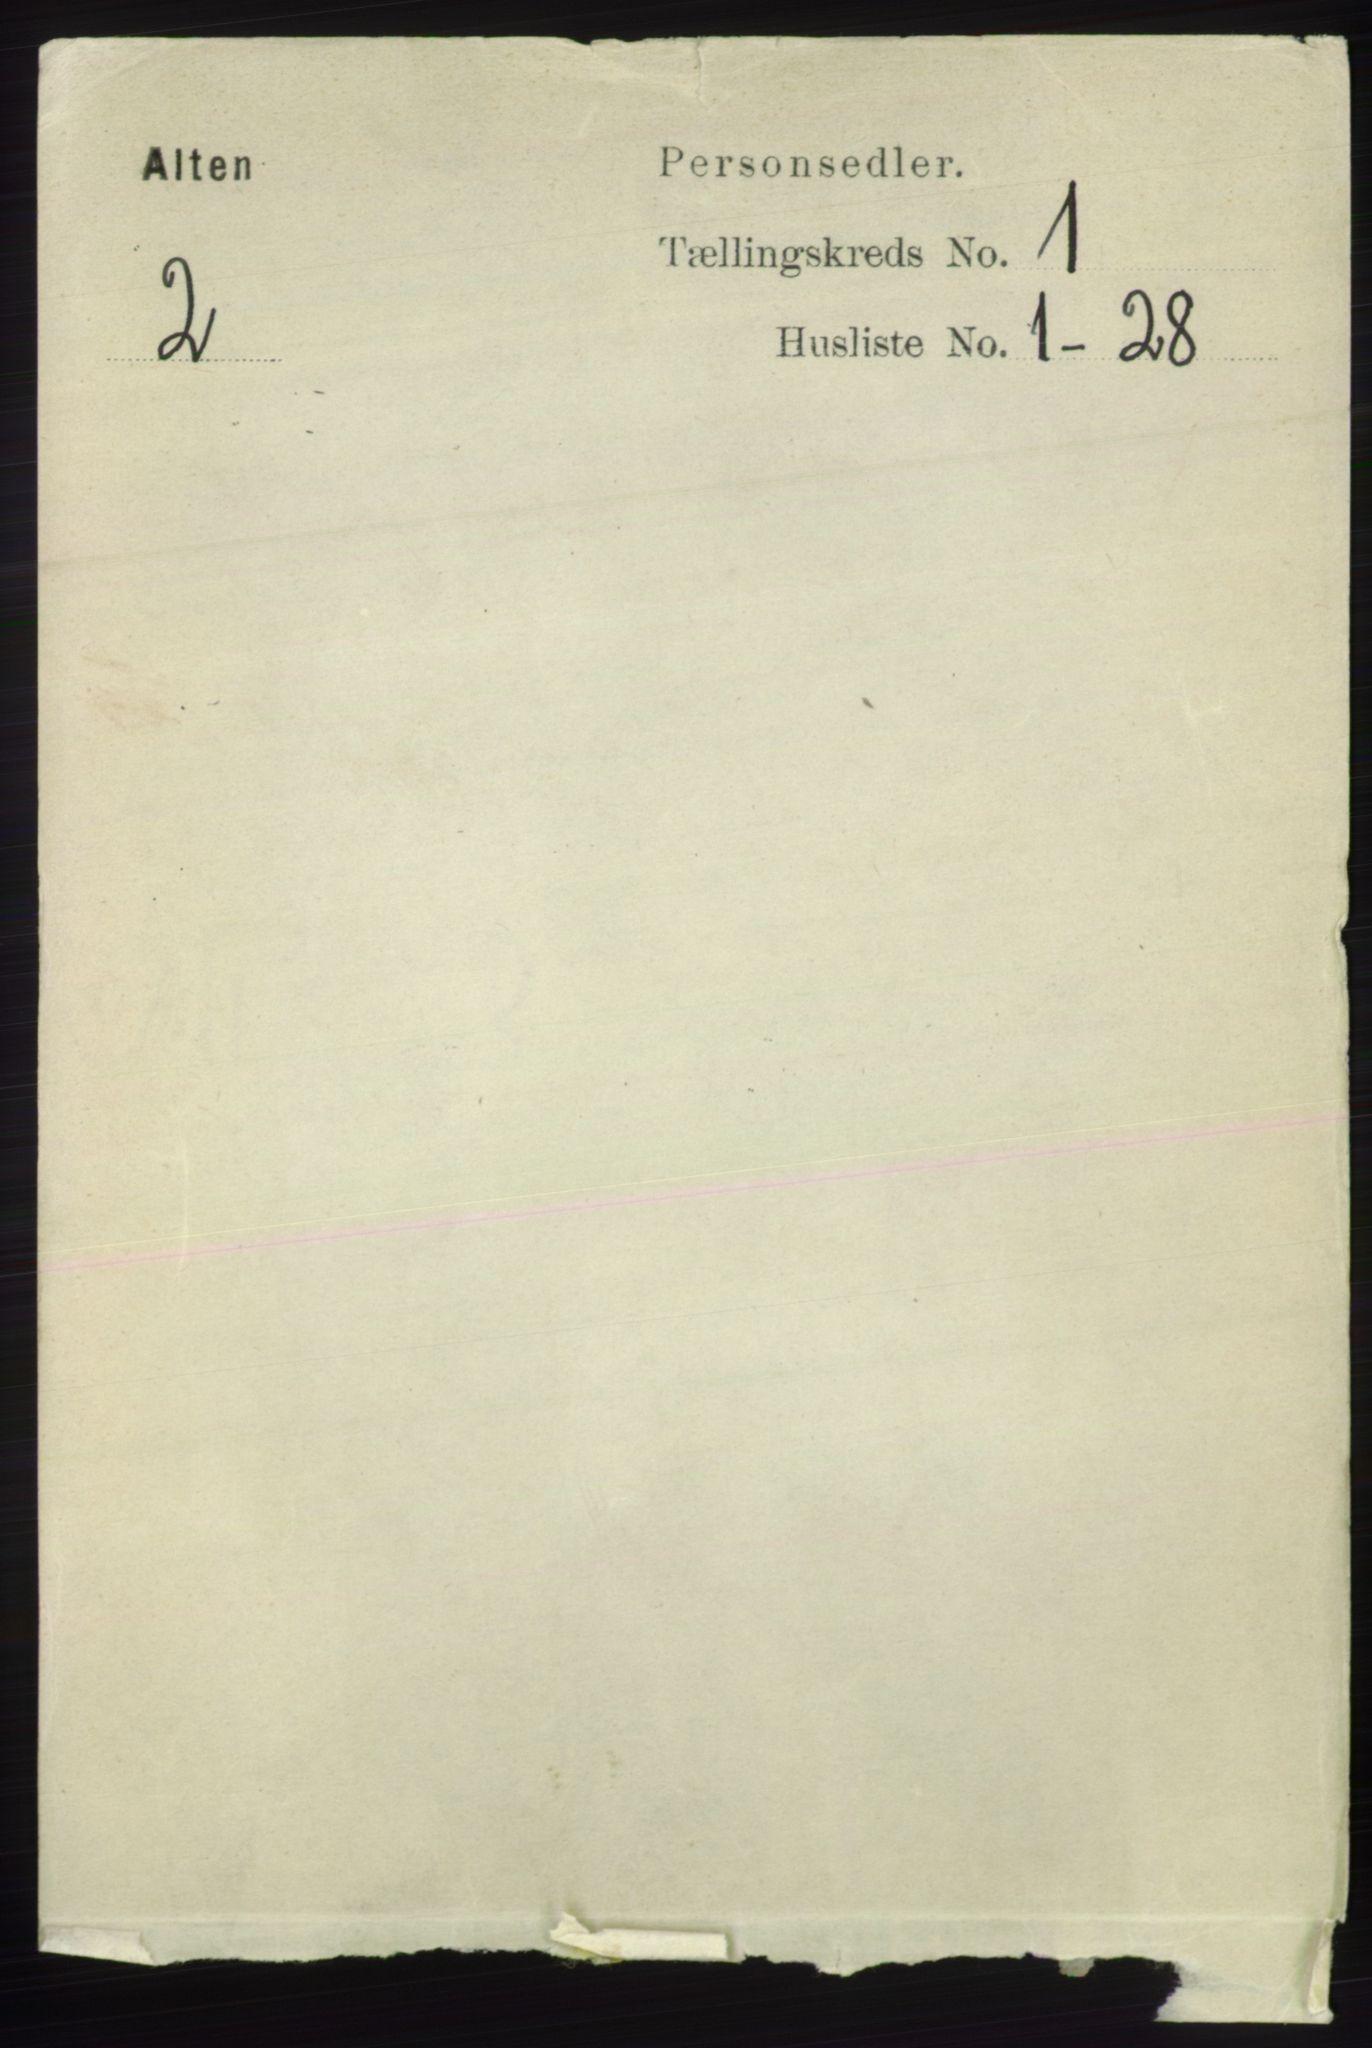 RA, Folketelling 1891 for 2012 Alta herred, 1891, s. 81